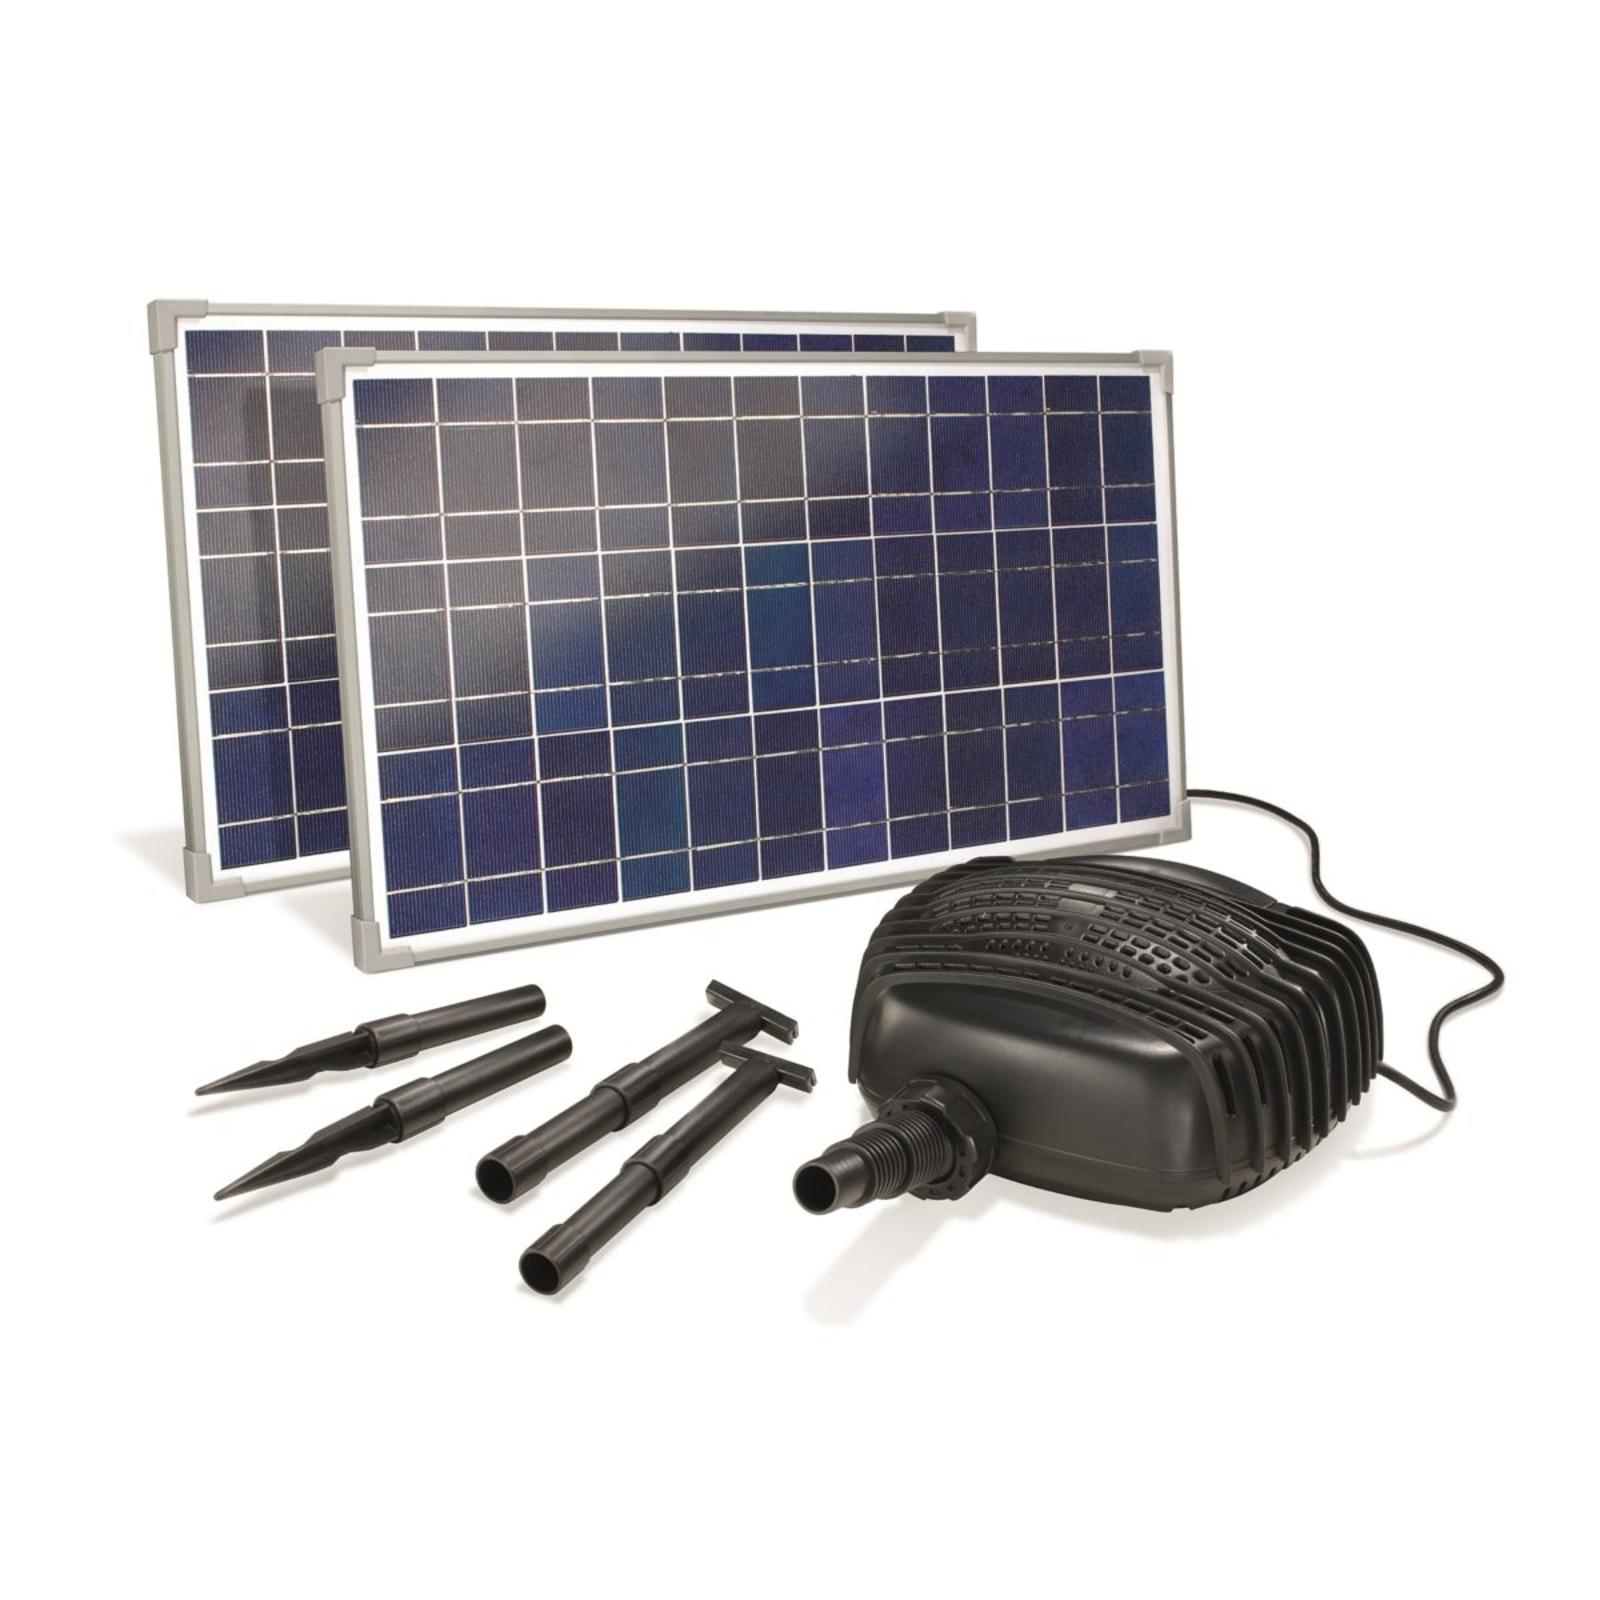 Adria solárny čerpadlový systém umelého potoka_3012196_1